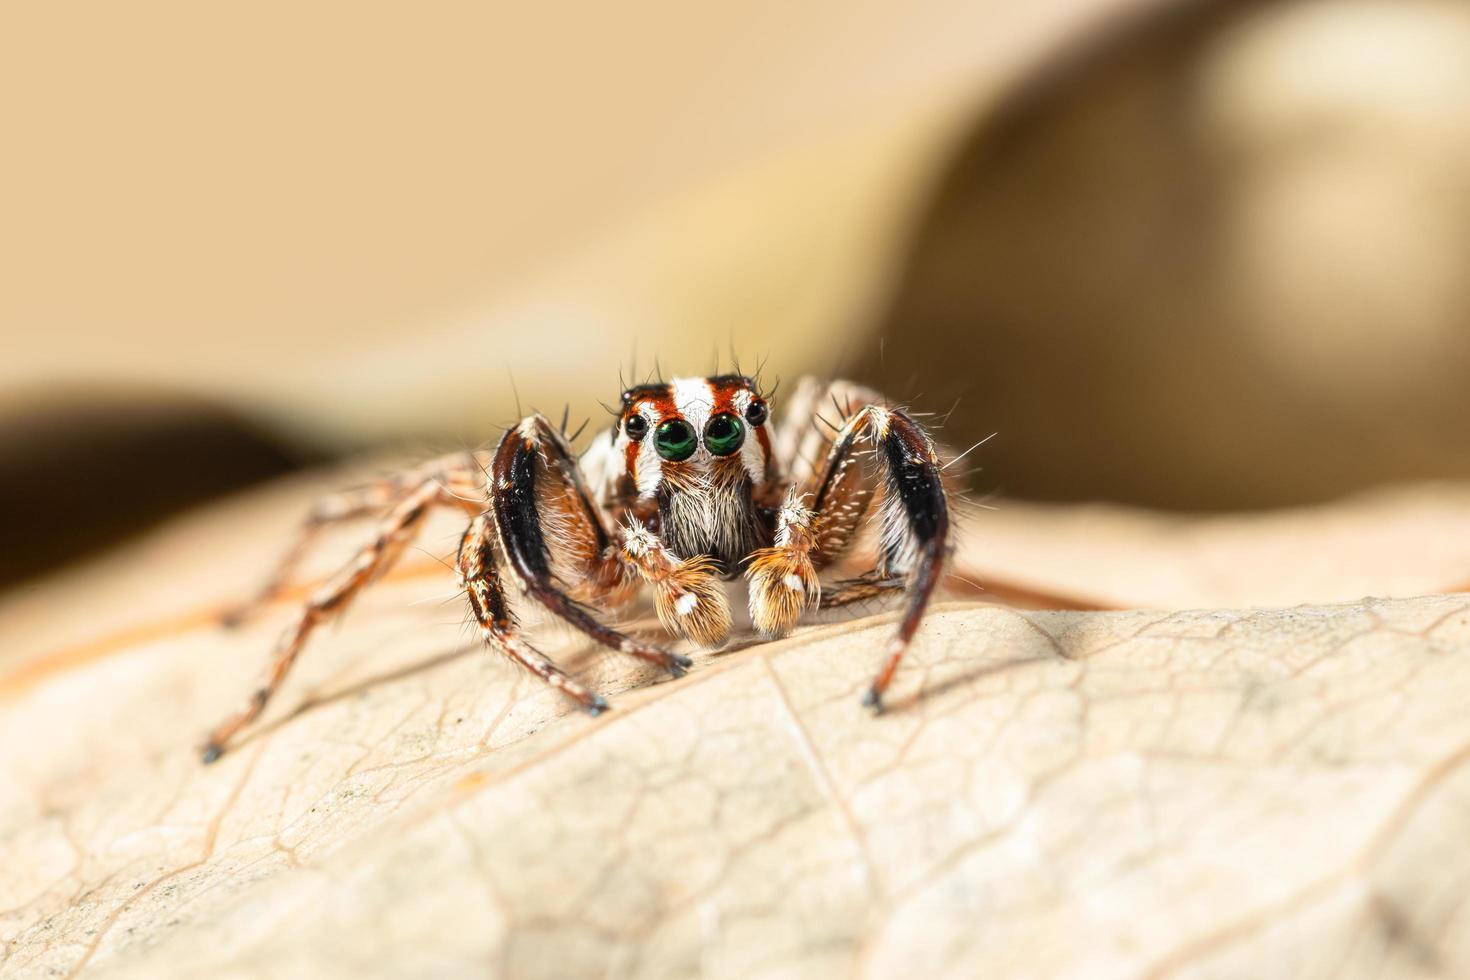 araignée sauteuse brune macro photo